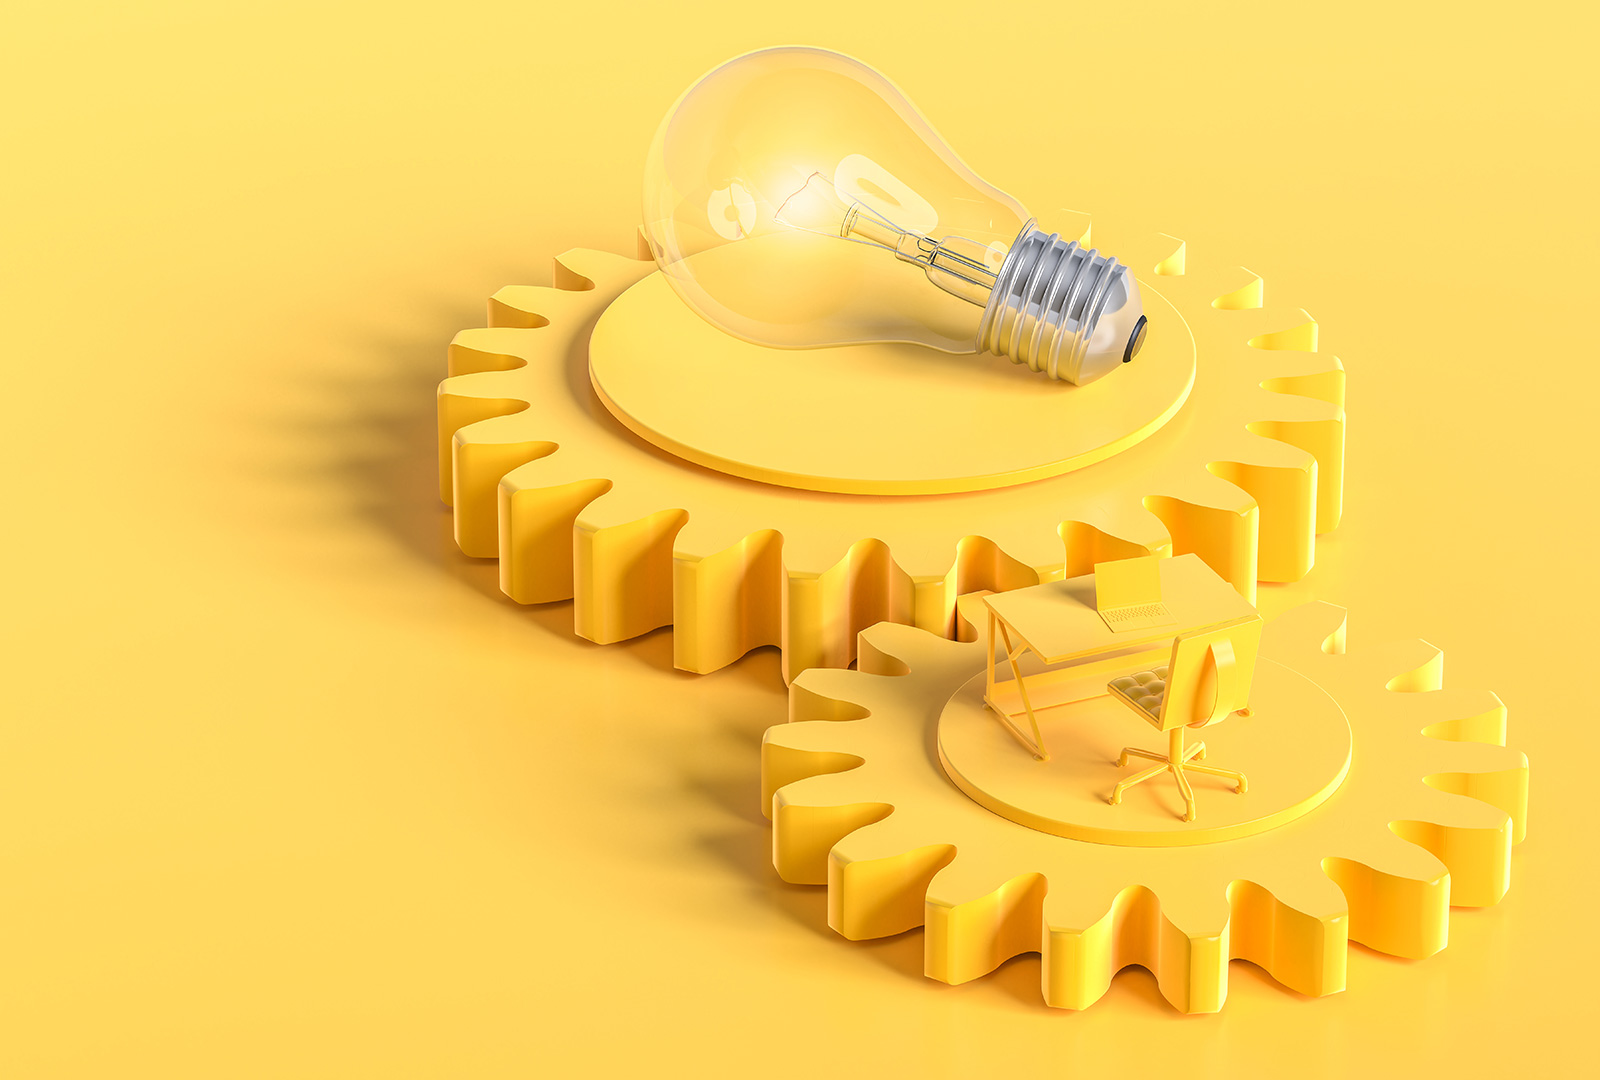 Subiektywne TOP 4 przydatnych narzędzi dopracy wmarketingu!